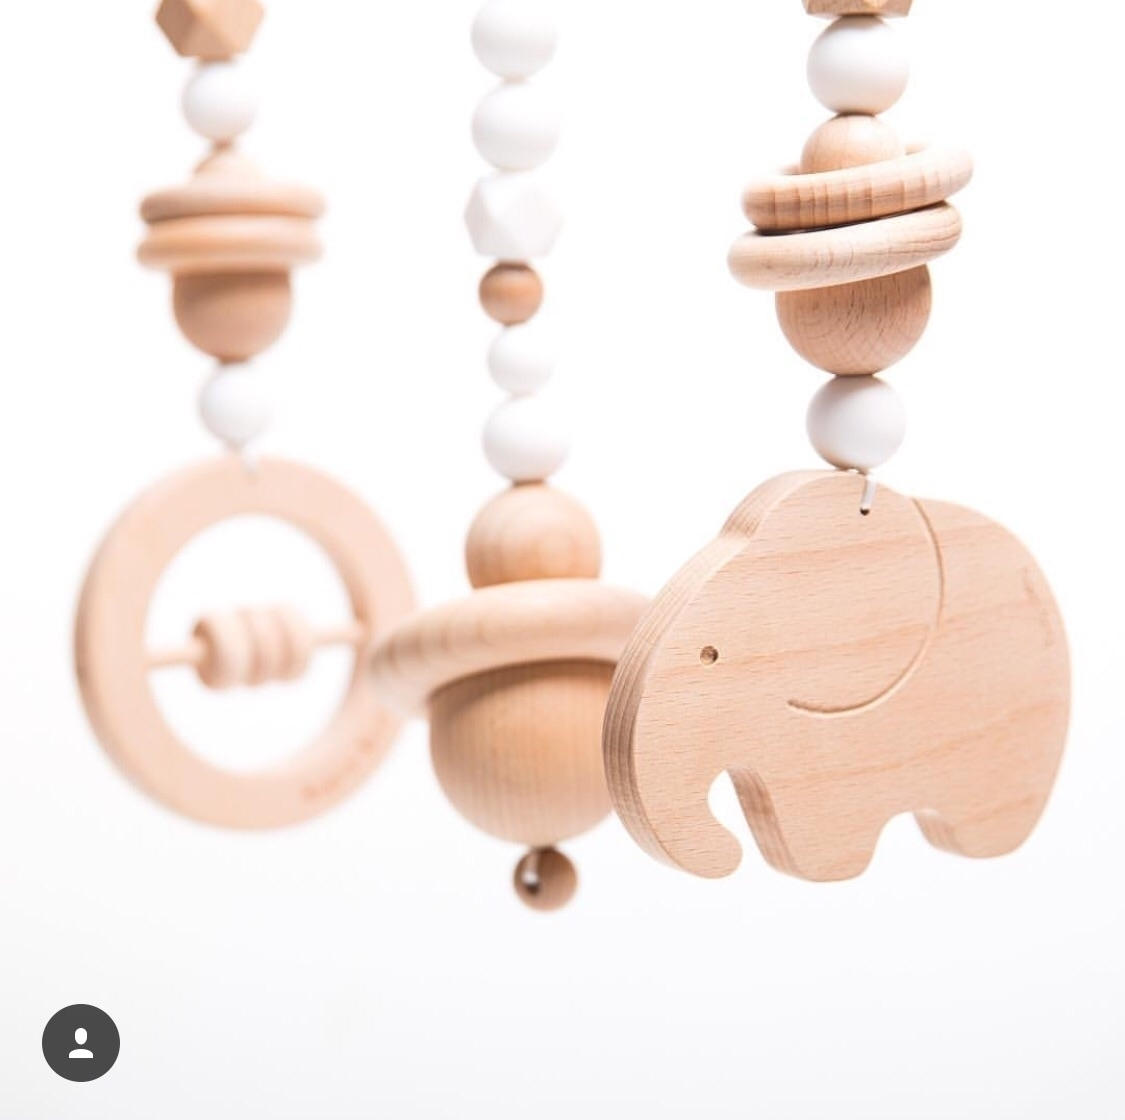 Wild Baby Gym Toy Set Snow Whit - modernmonty | ello